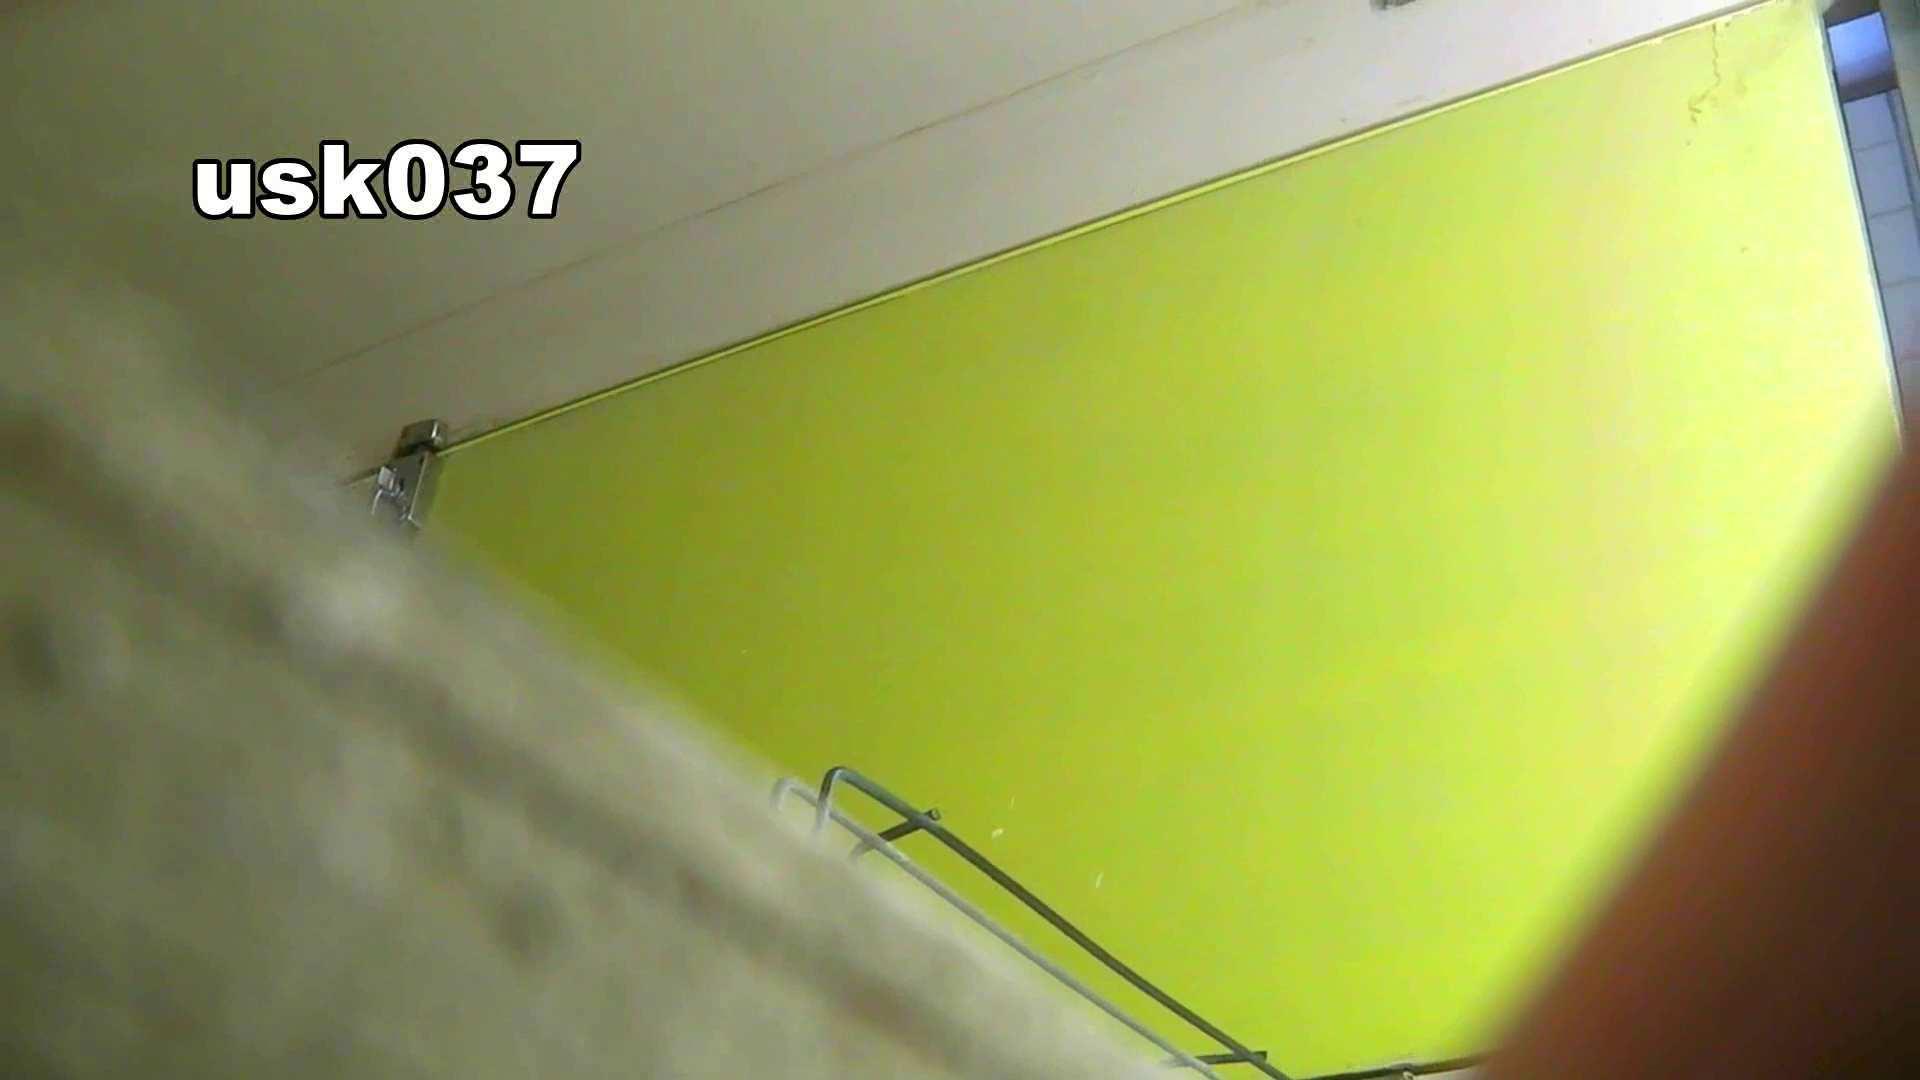 【美しき個室な世界】 vol.037 ひねり出す様子(フトイです) 高画質 ワレメ動画紹介 51画像 47